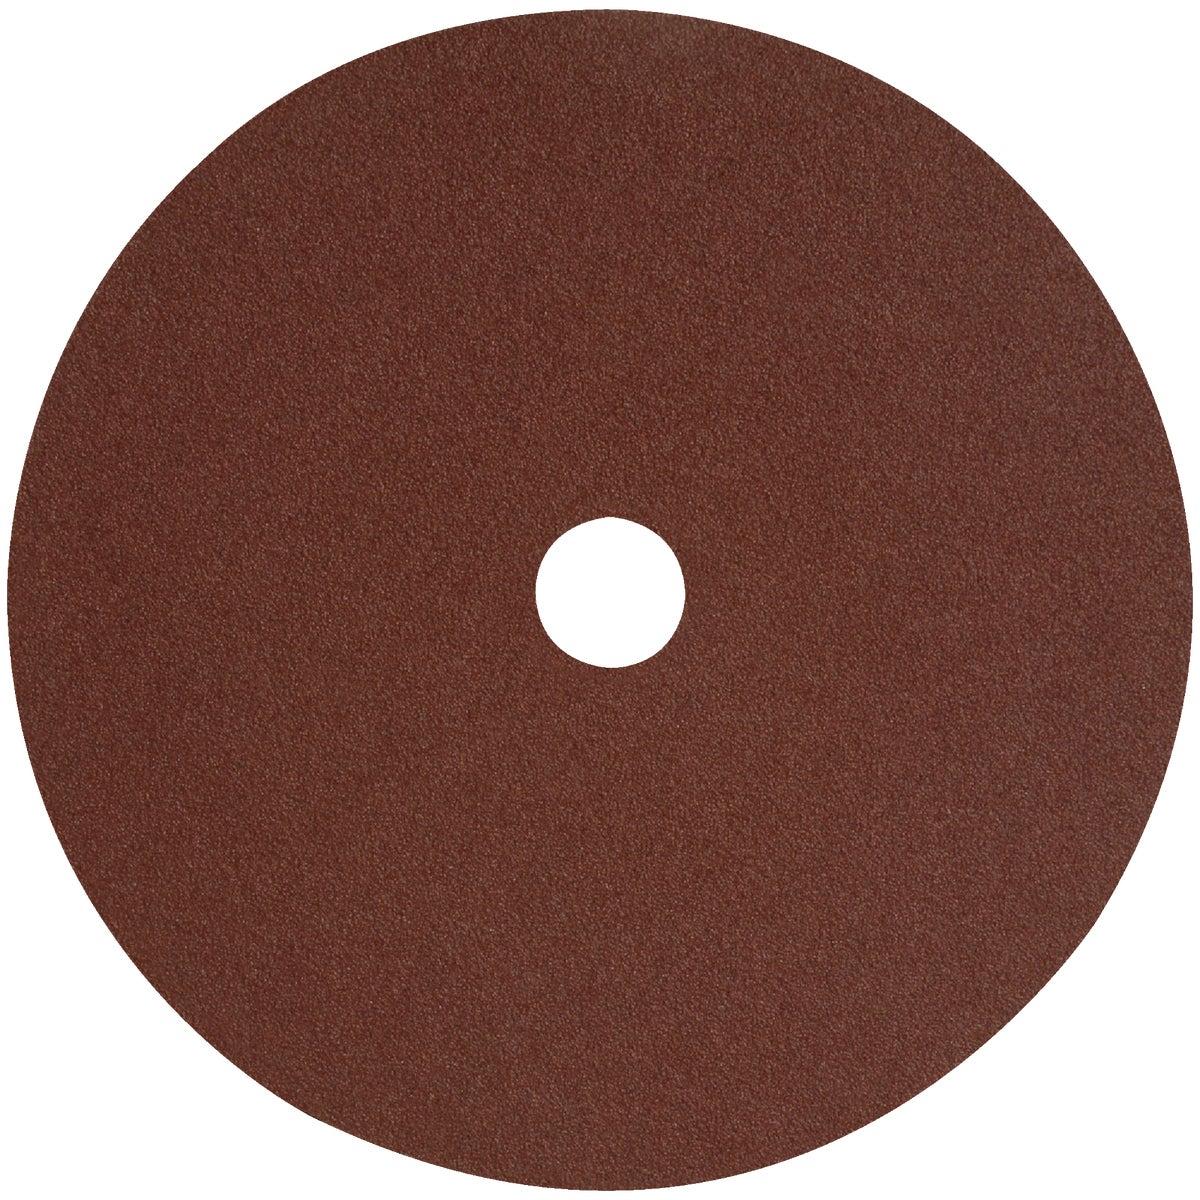 24G RESIN DISC - DARB1G0205 by DeWalt